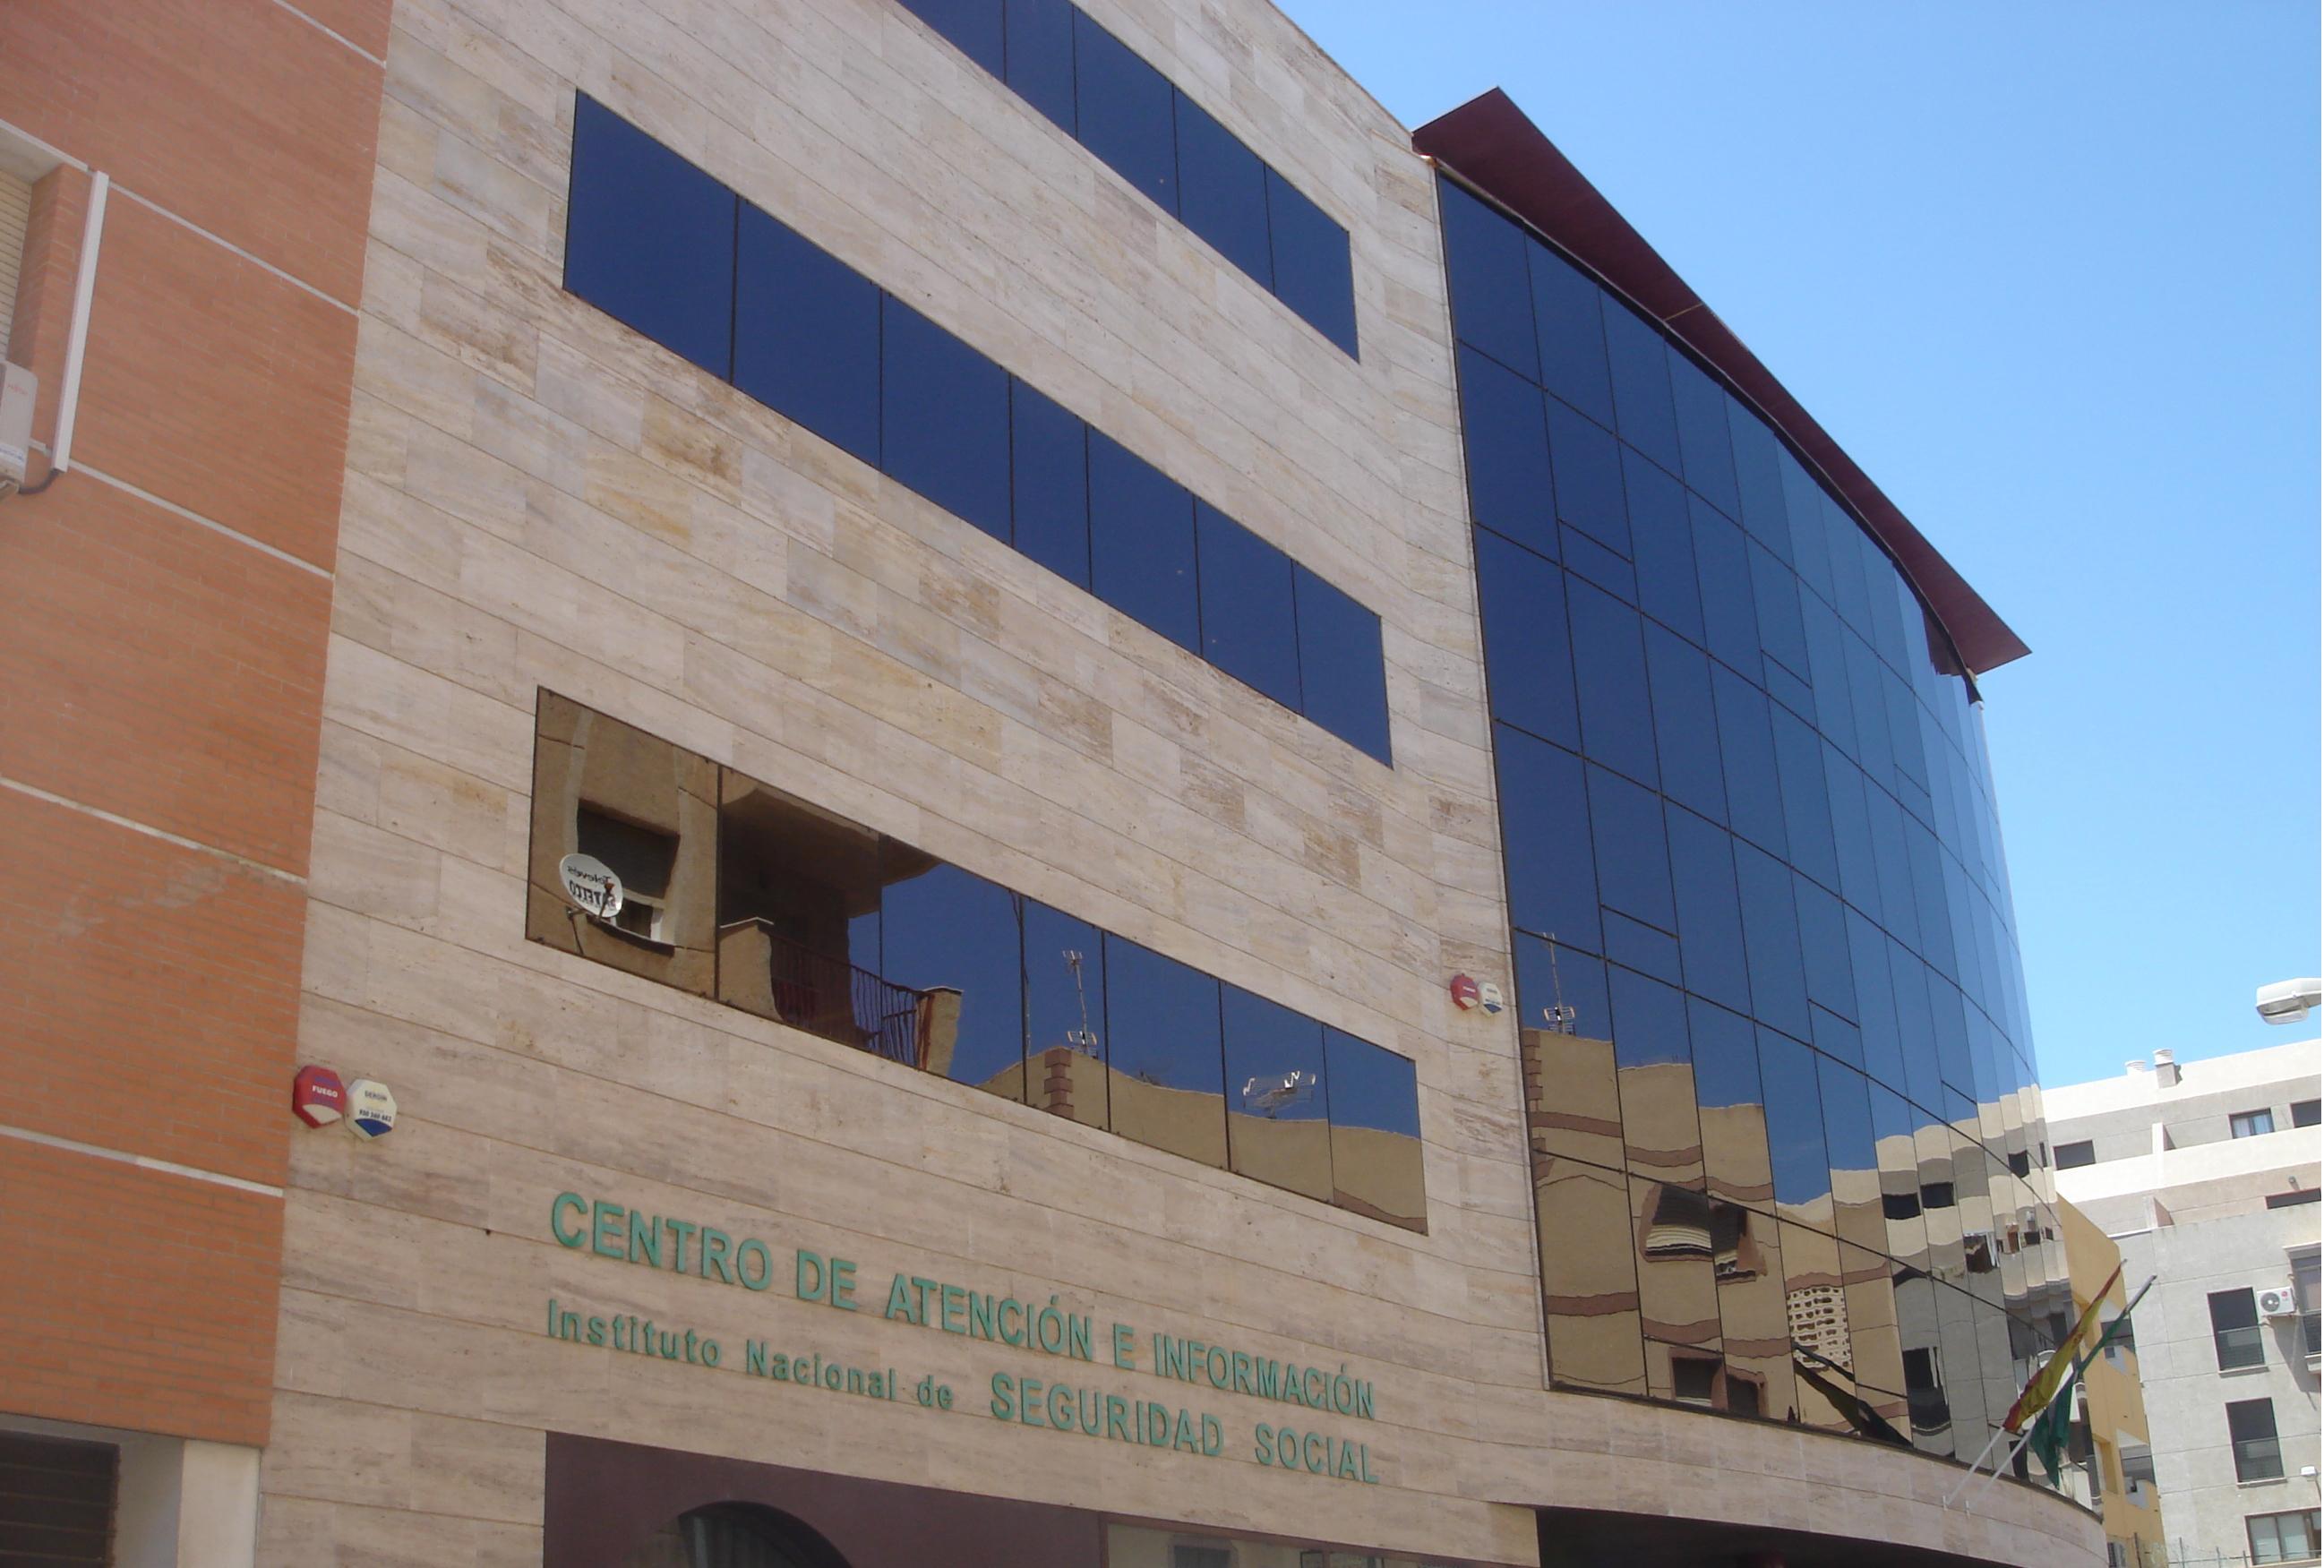 Edificio de la Seguridad Social